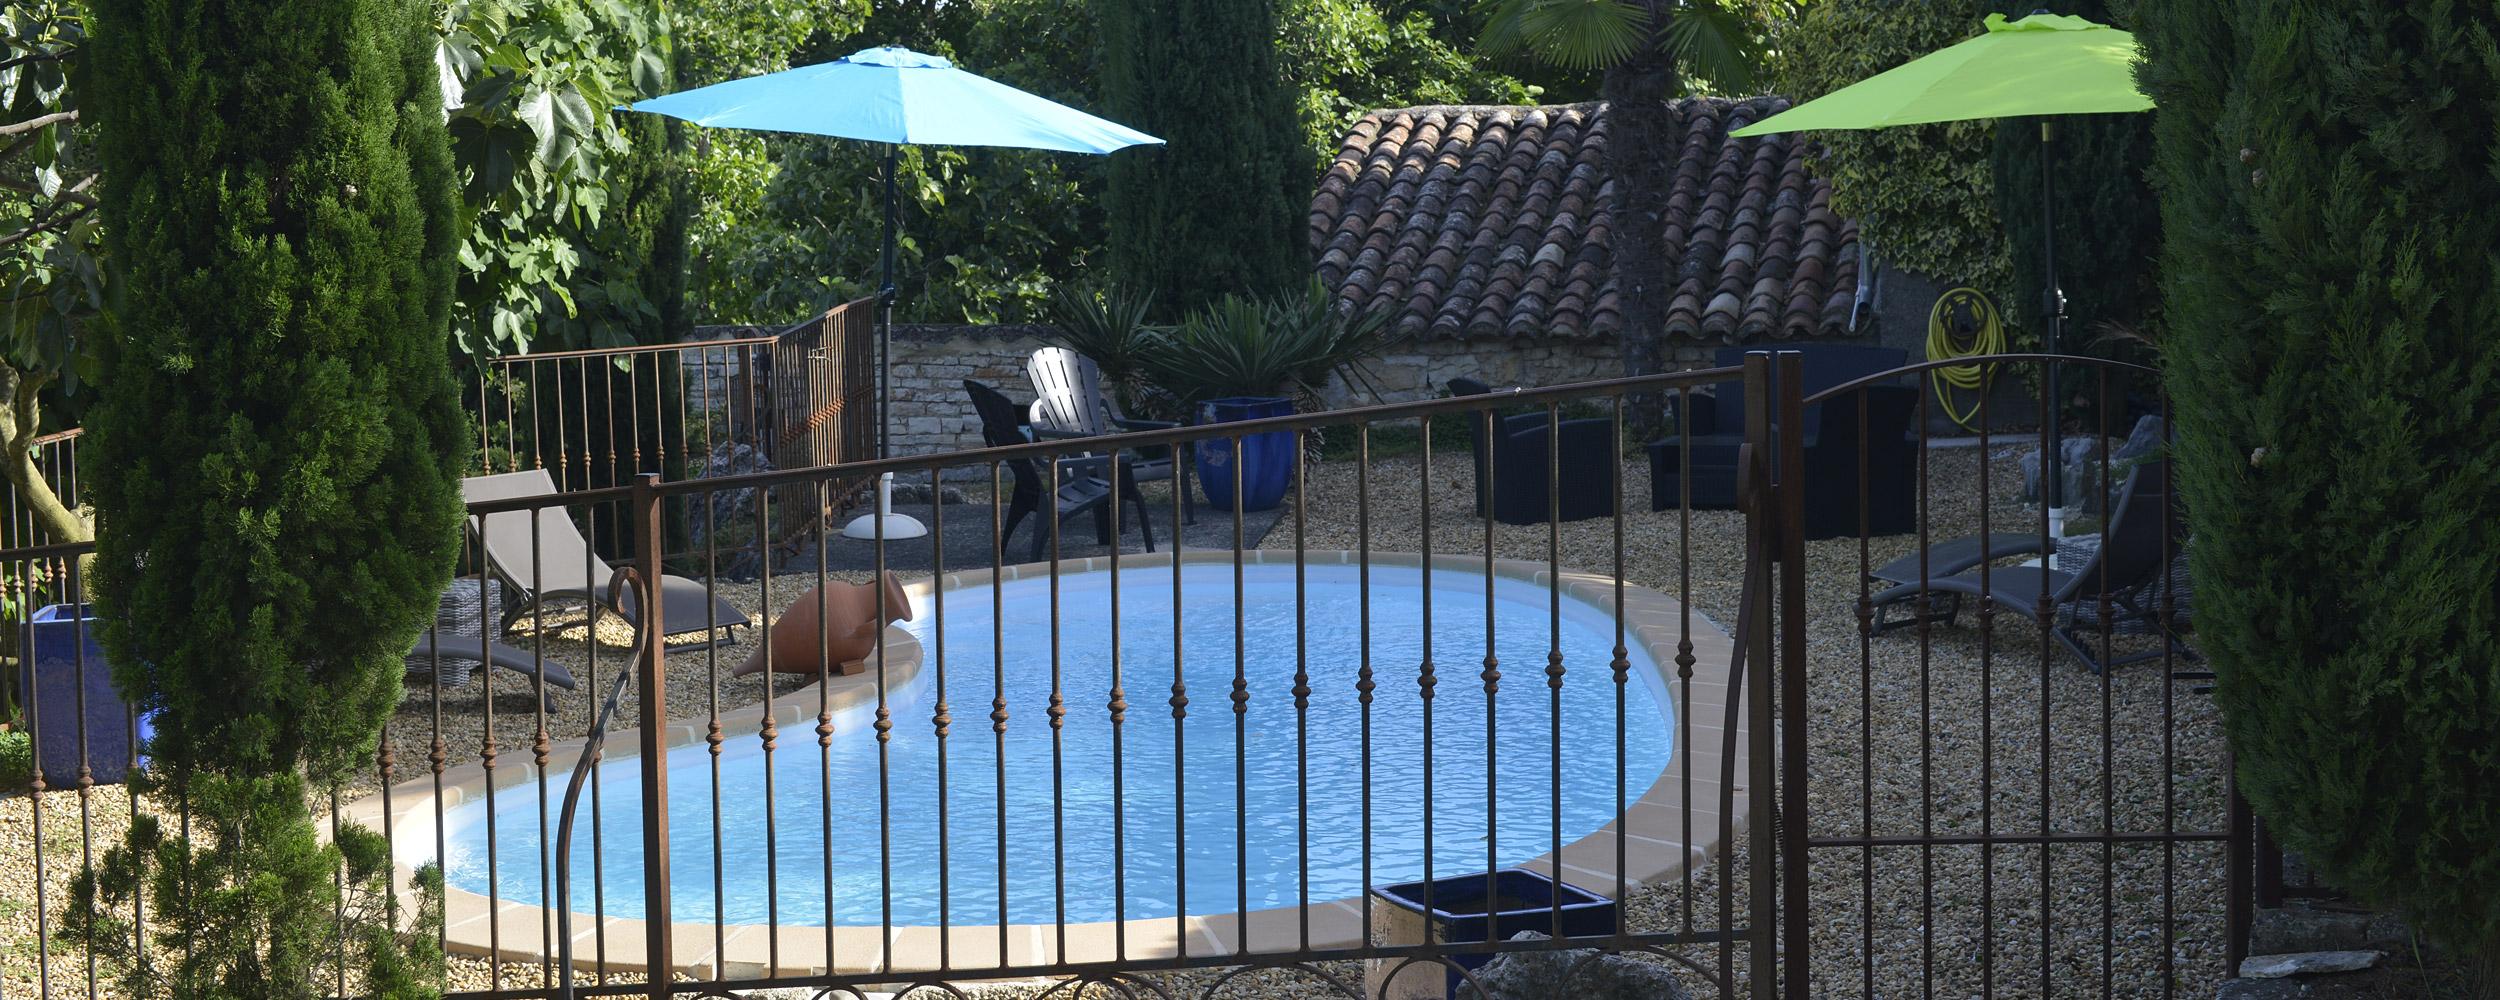 La piscine sécurisée de la Grange de Mailhac